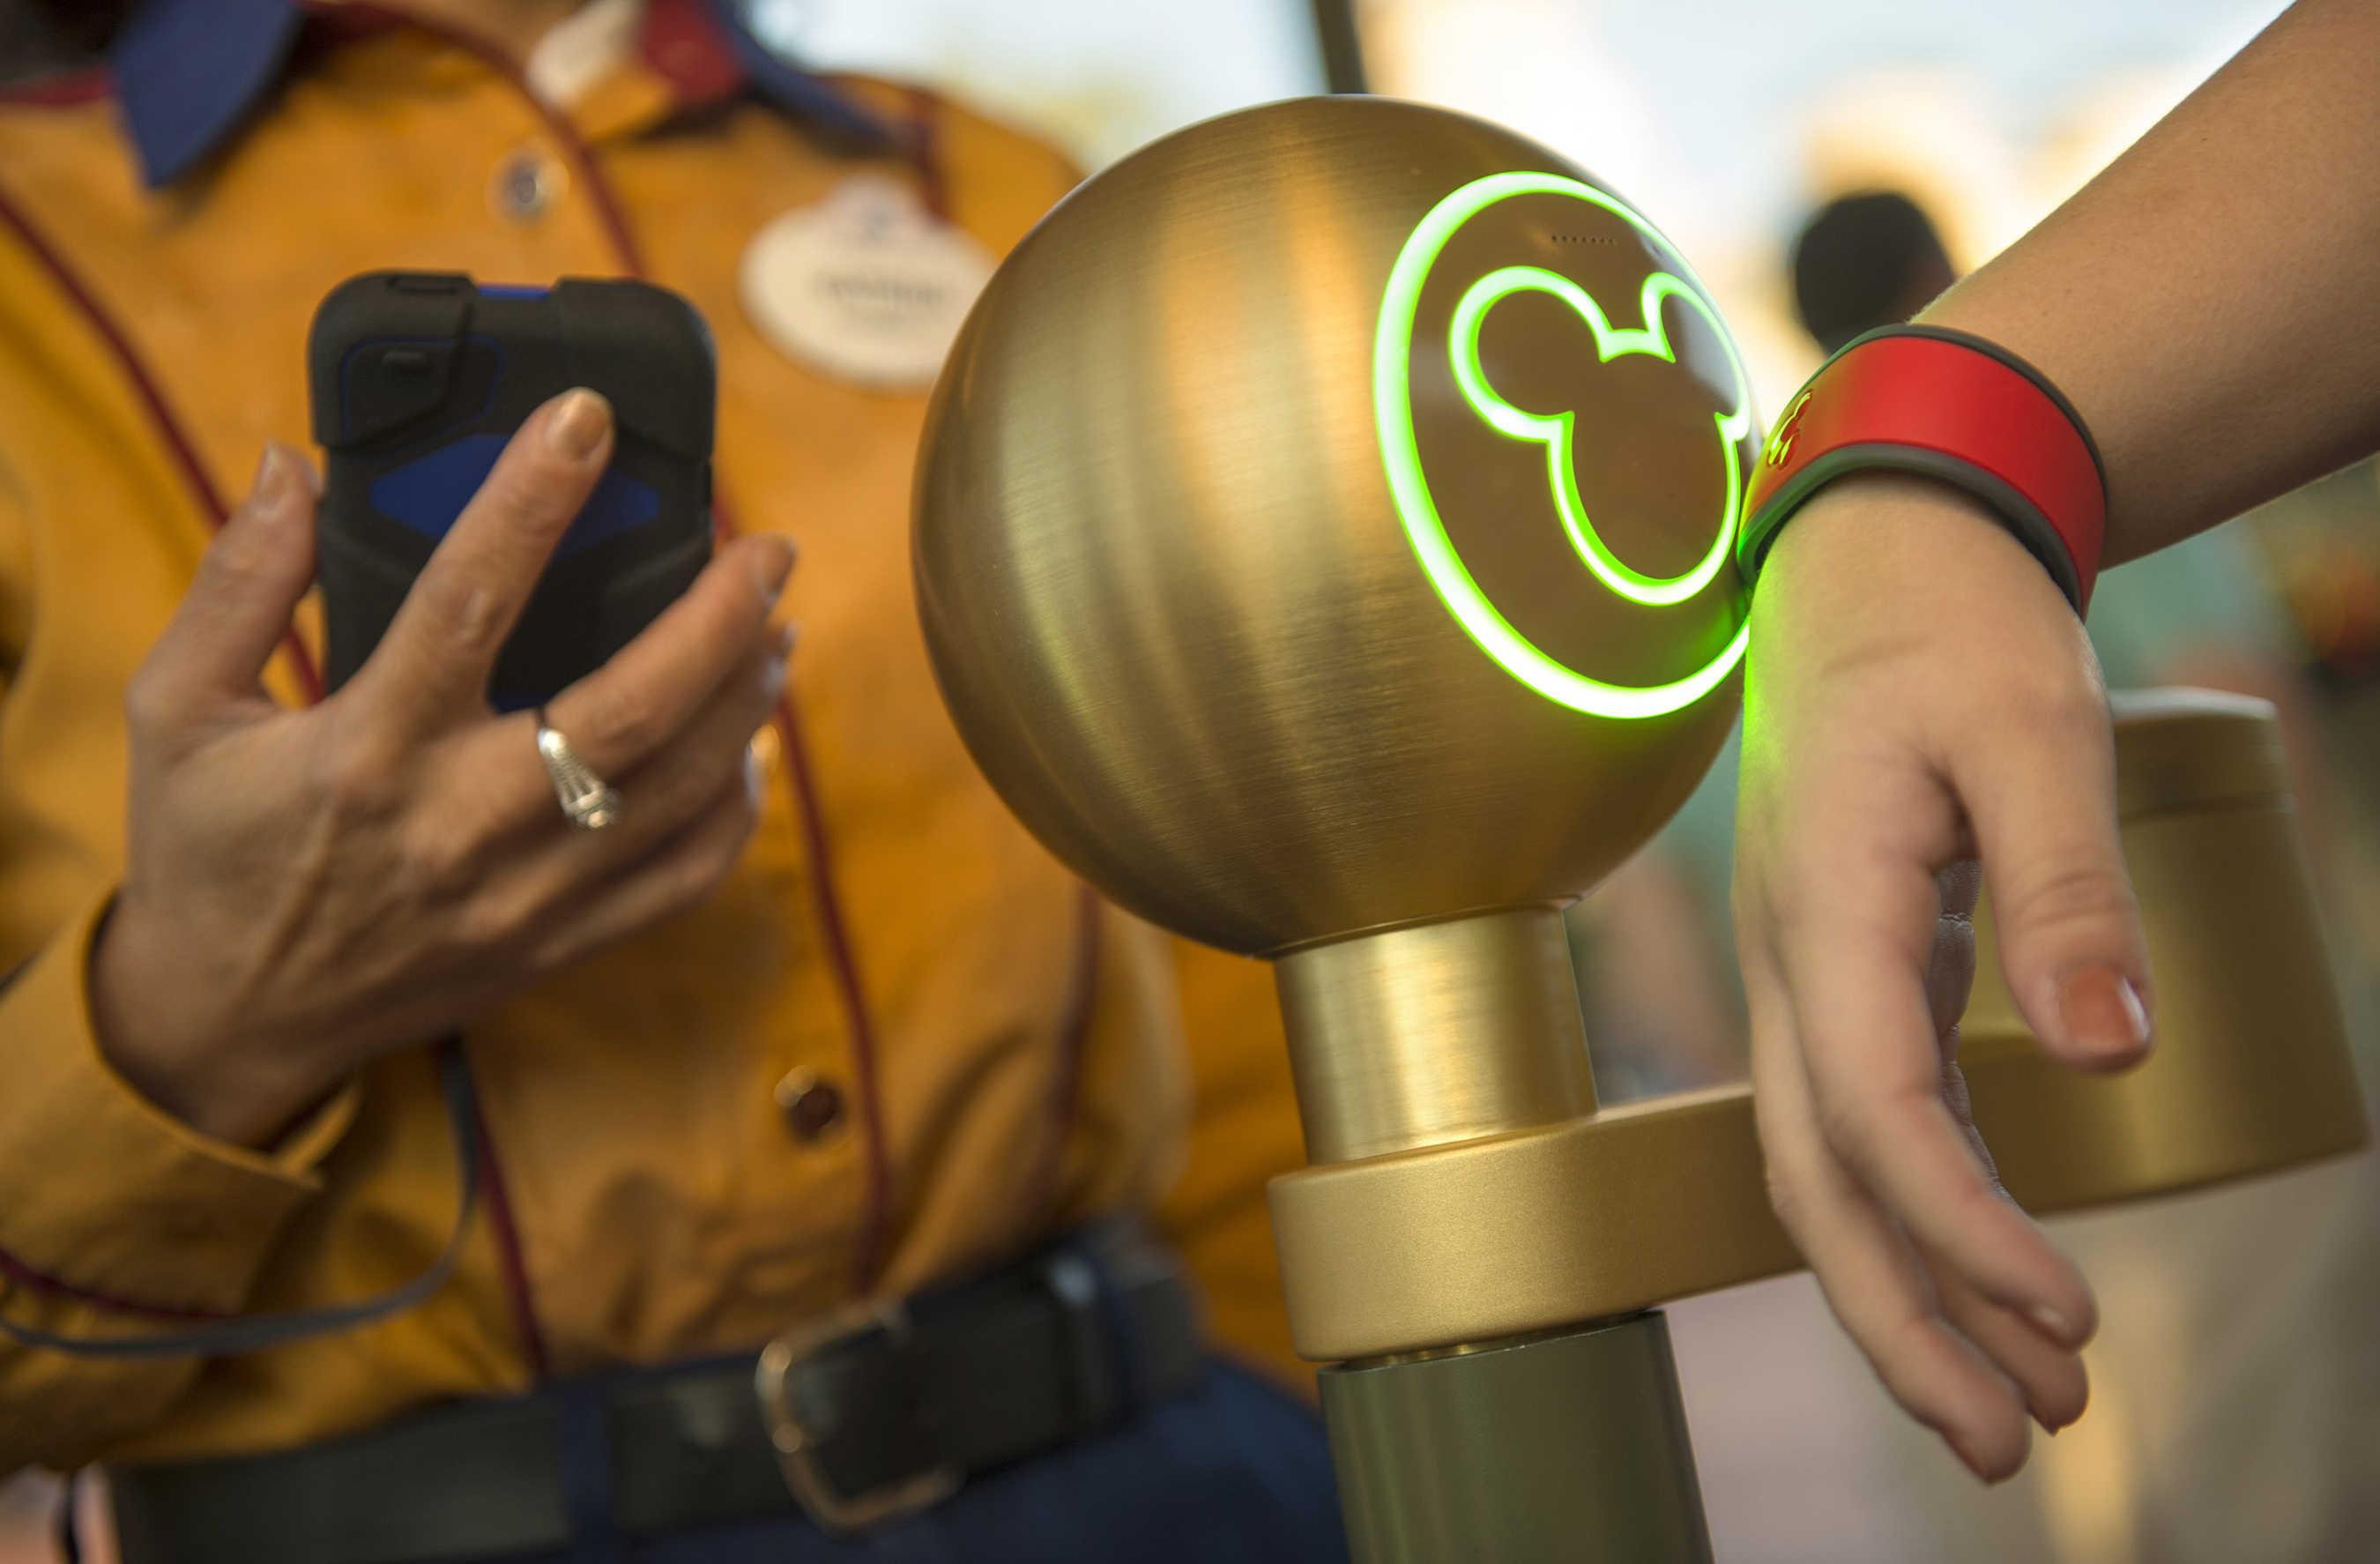 Walt Disney World rumored to raise ticket prices soon